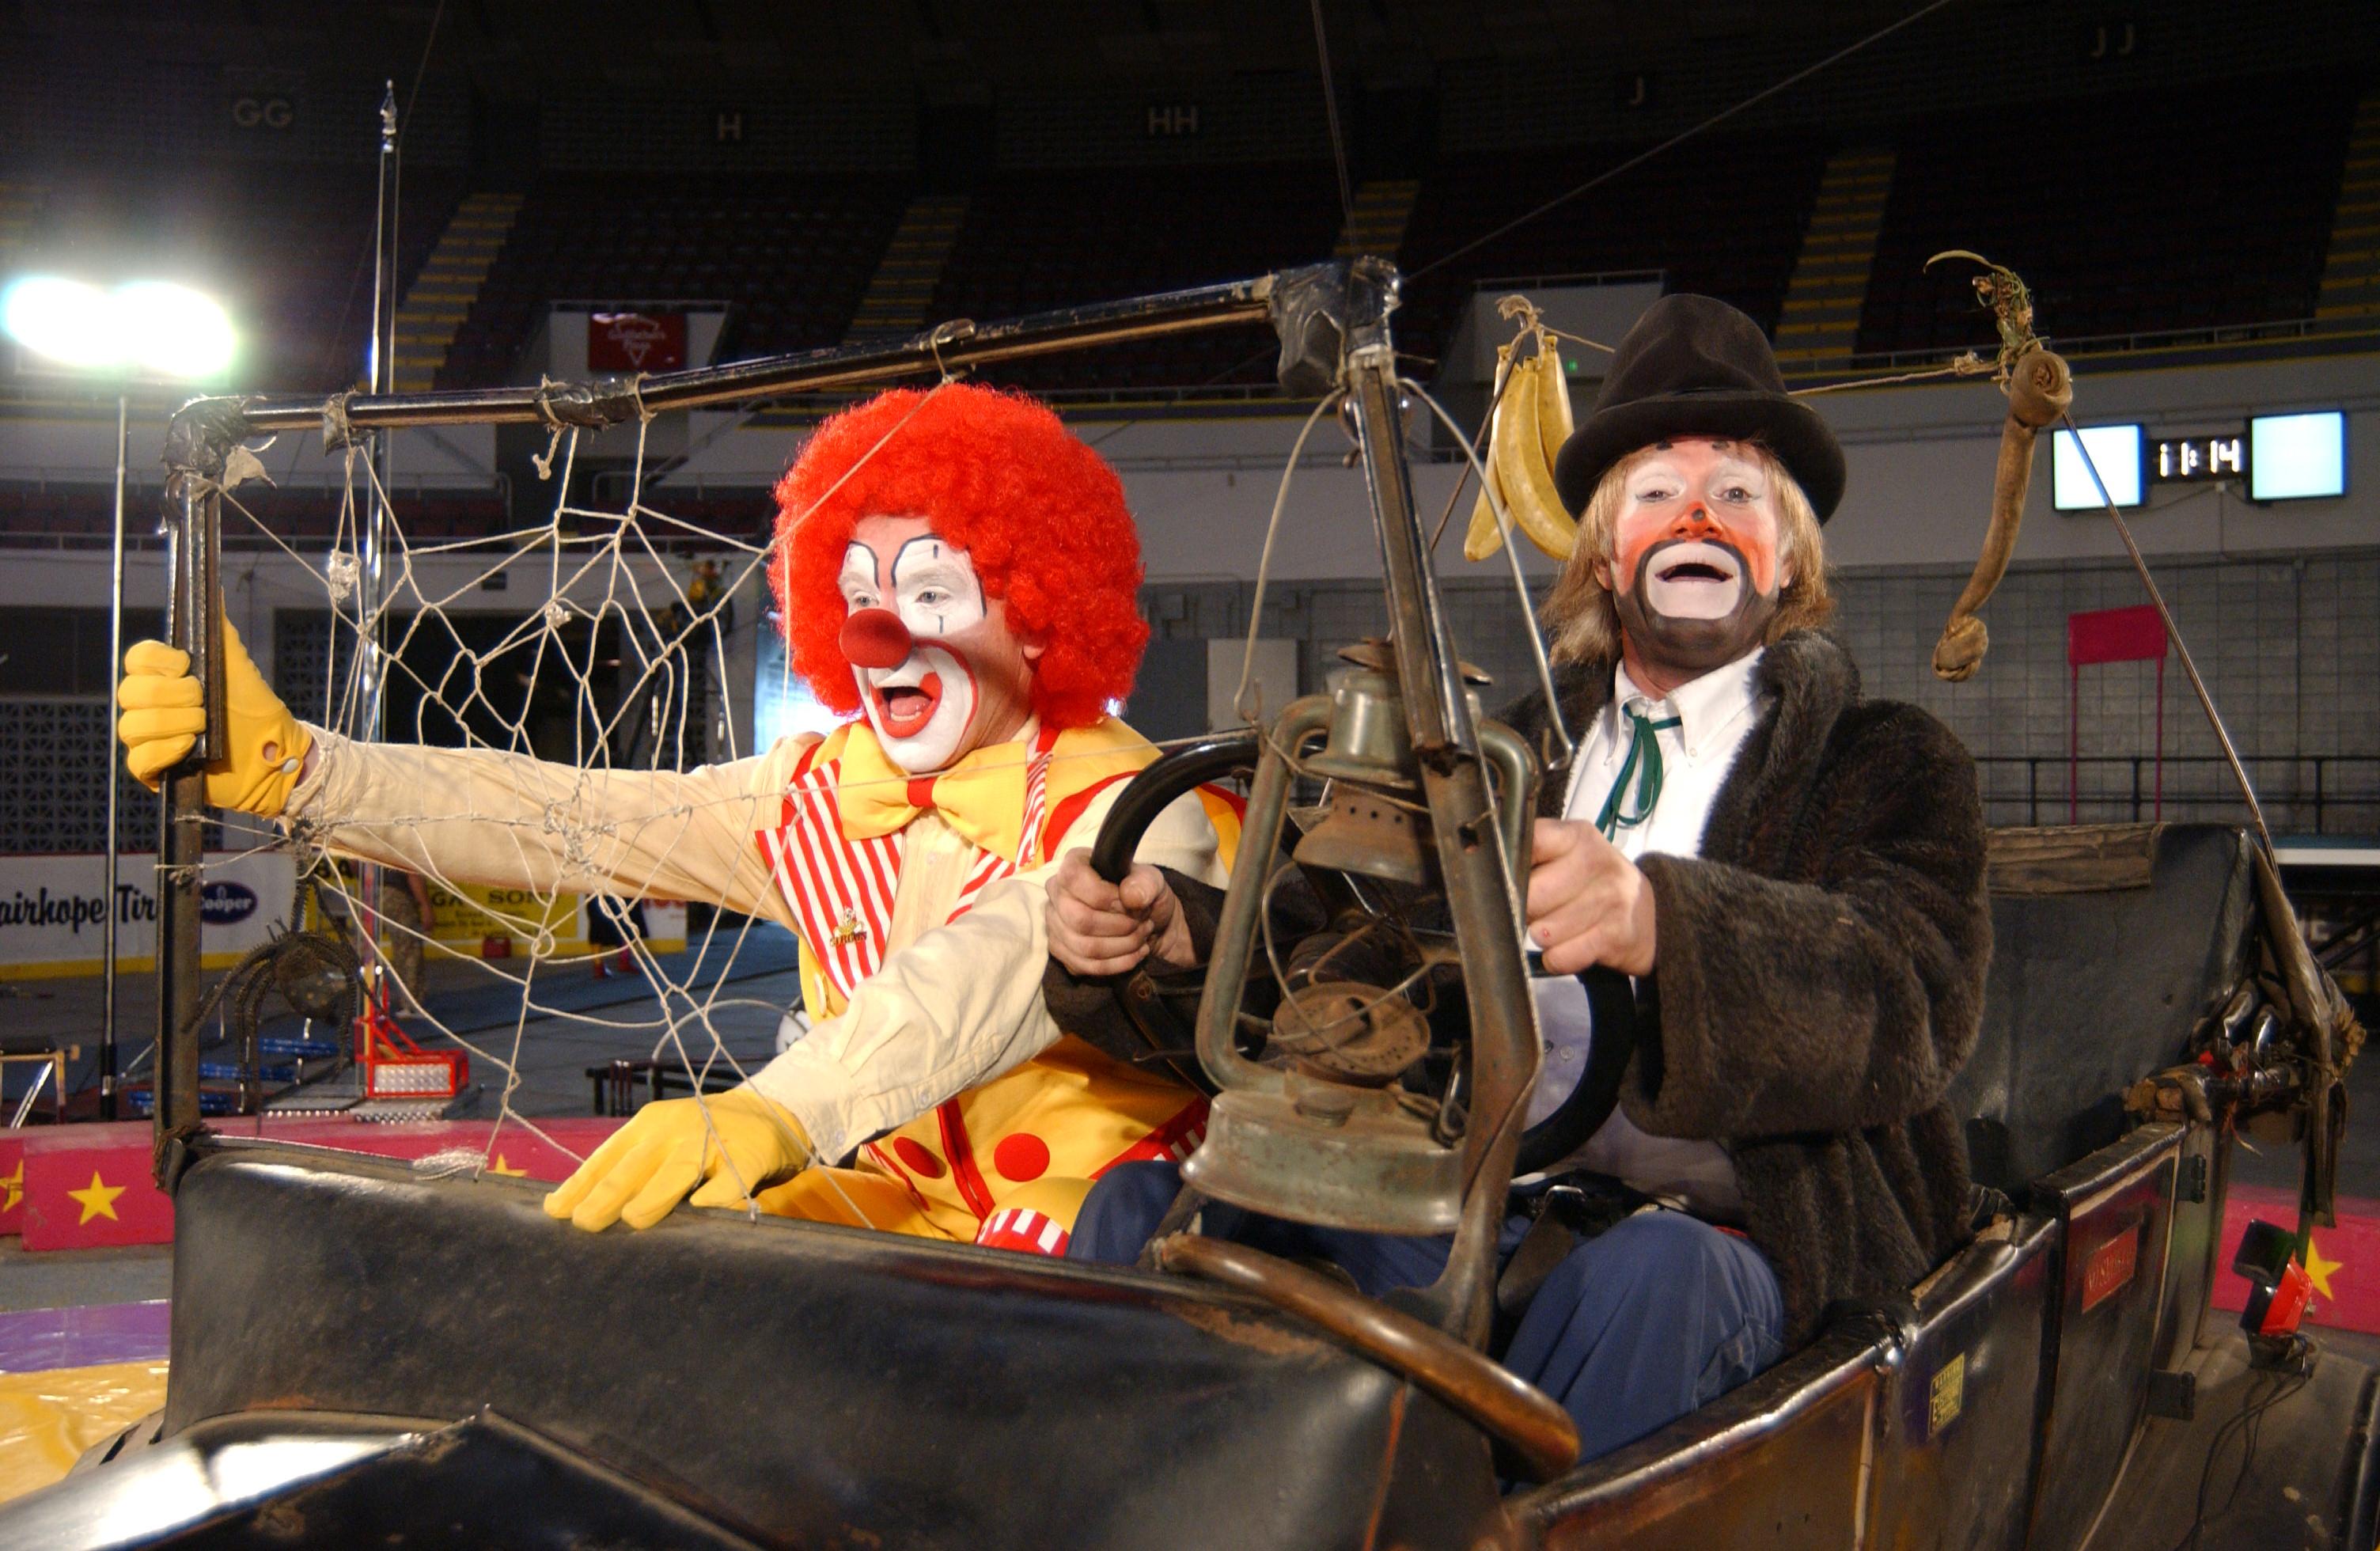 Garden bros circus - Dayton home and garden show 2017 ...